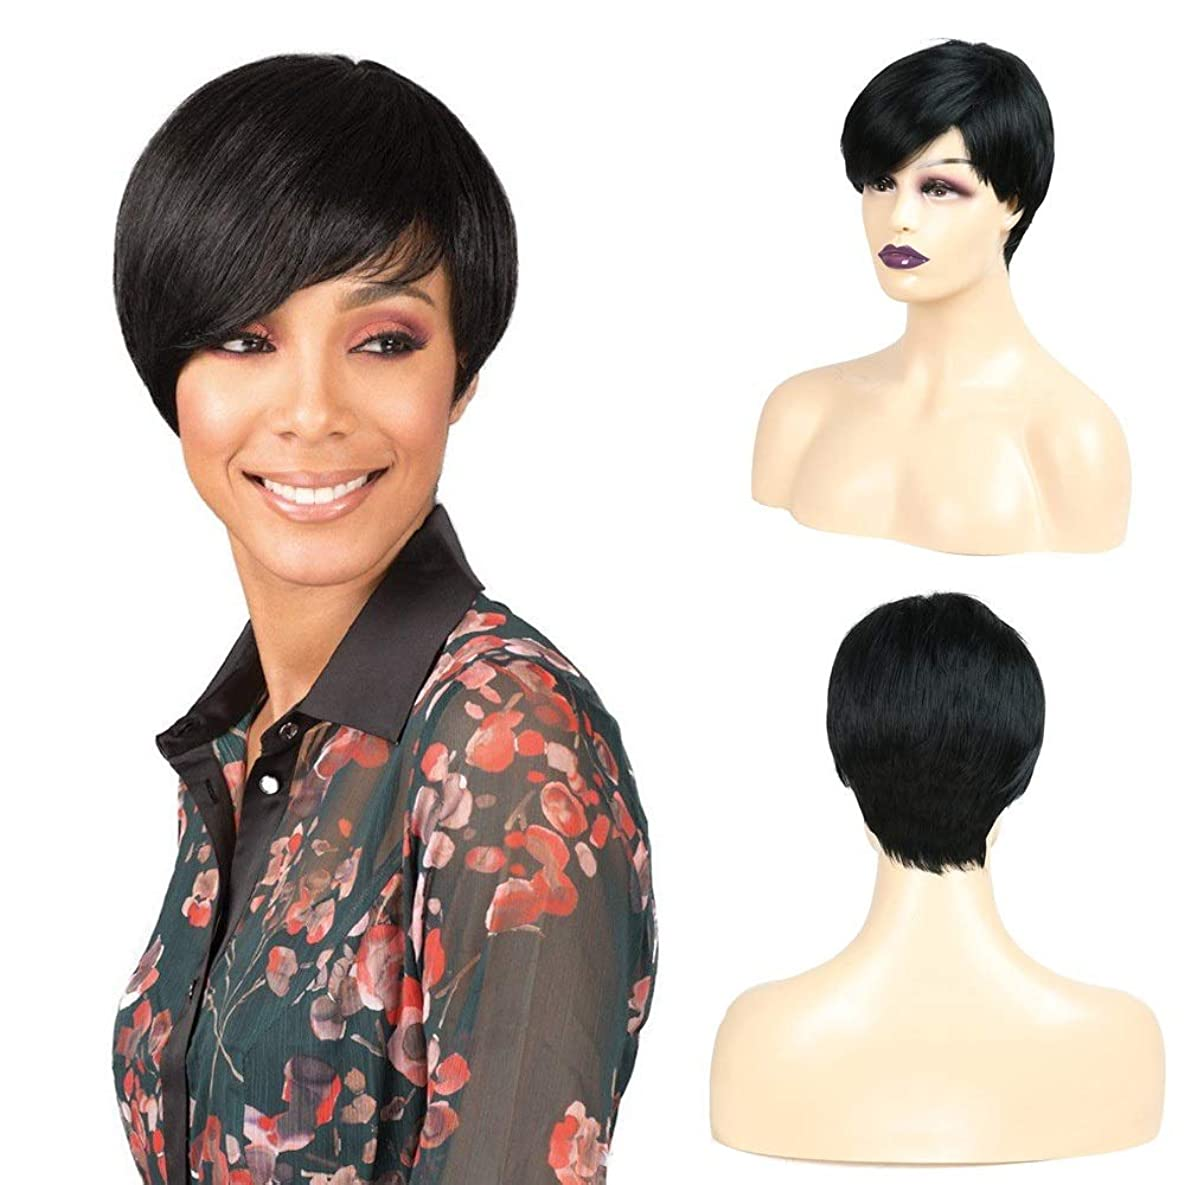 牛調整可能不公平HOHYLLYA ヨーロッパとアメリカのファッションアフリカの黒人女性の斜め前髪付きショートヘアウィッグパーティーかつら (色 : 黒)